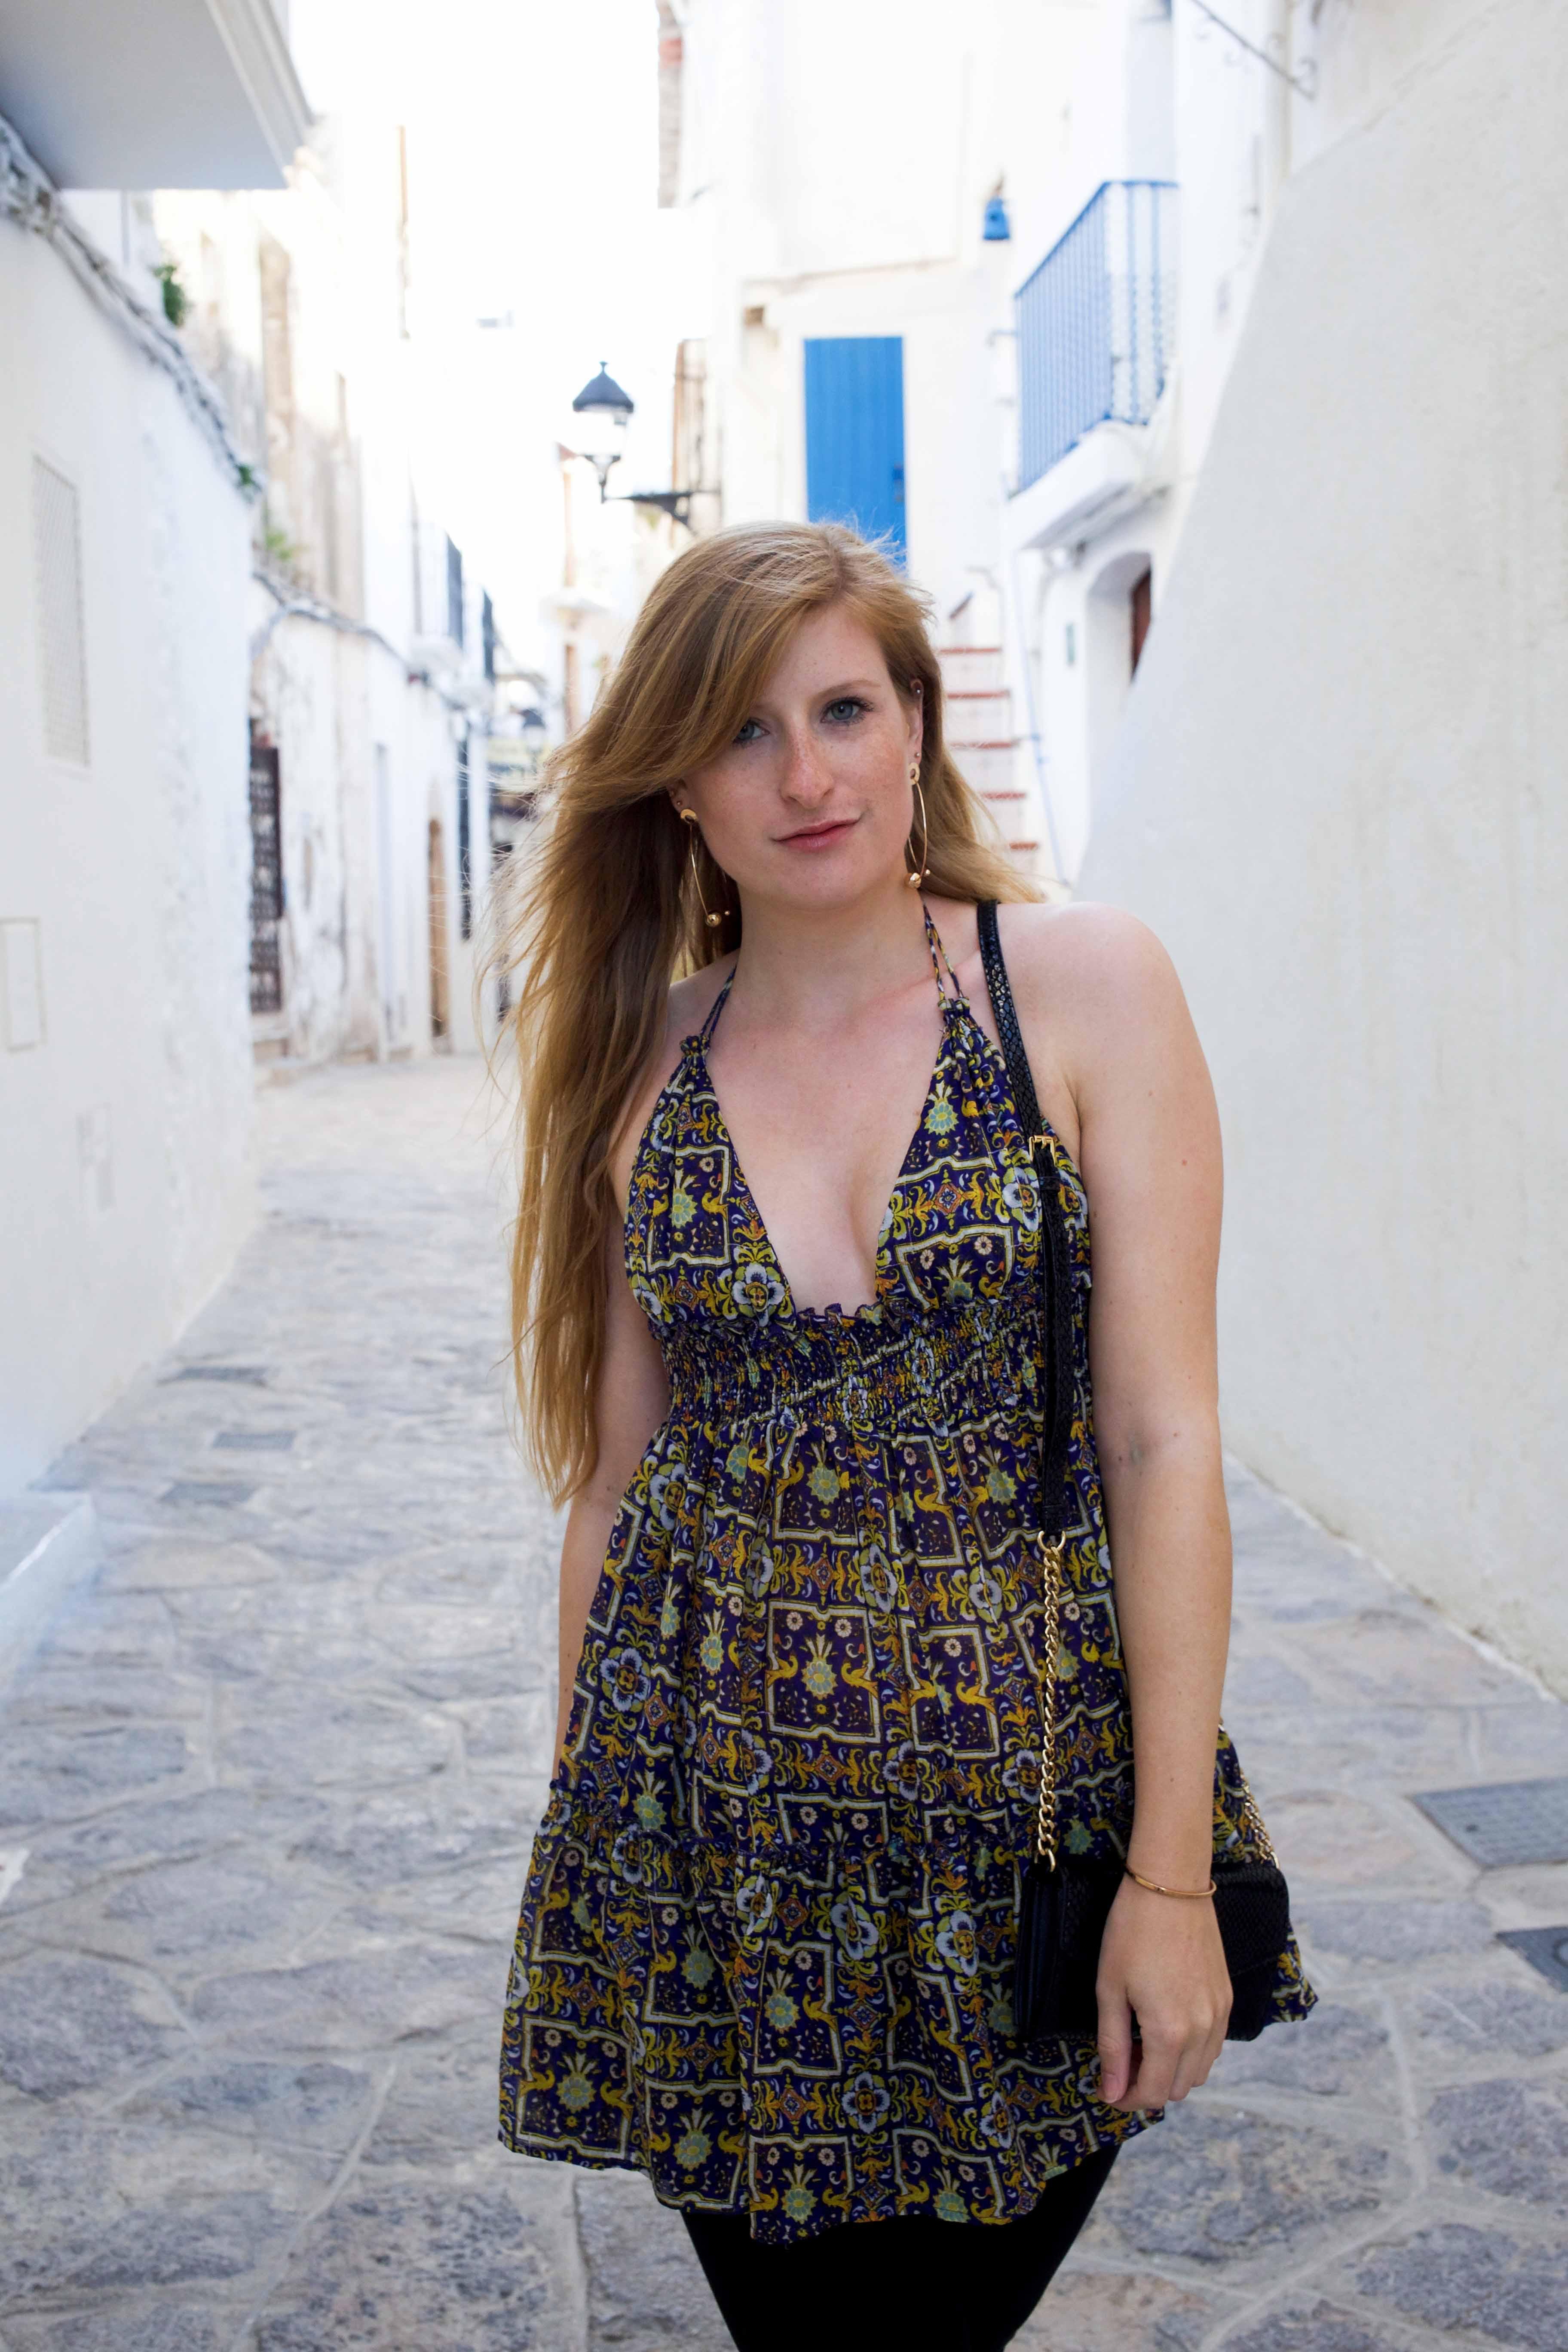 Luftiges buntes Oberteil Asos schwarze Skinny Jeans Frühlingsoutfit Ibiza Modeblogger Deutschland 9